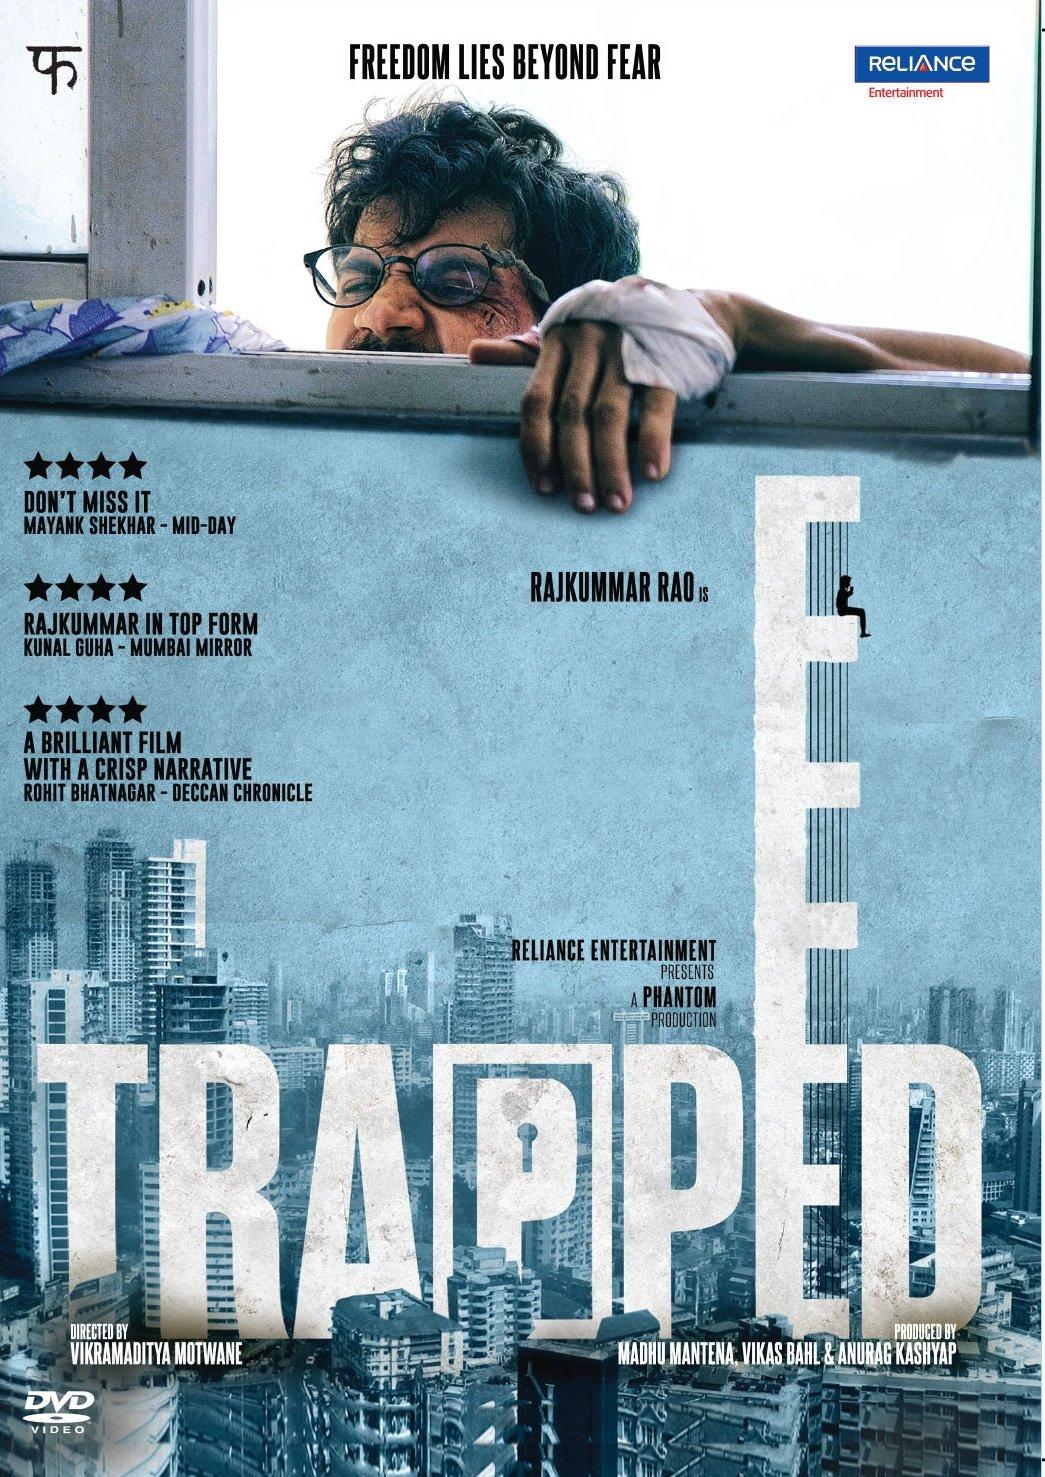 Trapped: Amazon.in: Rajkummar Rao, Geetanjali Thapa, Khushboo Upadhyay, Vikramaditya Motwane, Rajkummar Rao, Geetanjali Thapa: Movies &  TV Shows